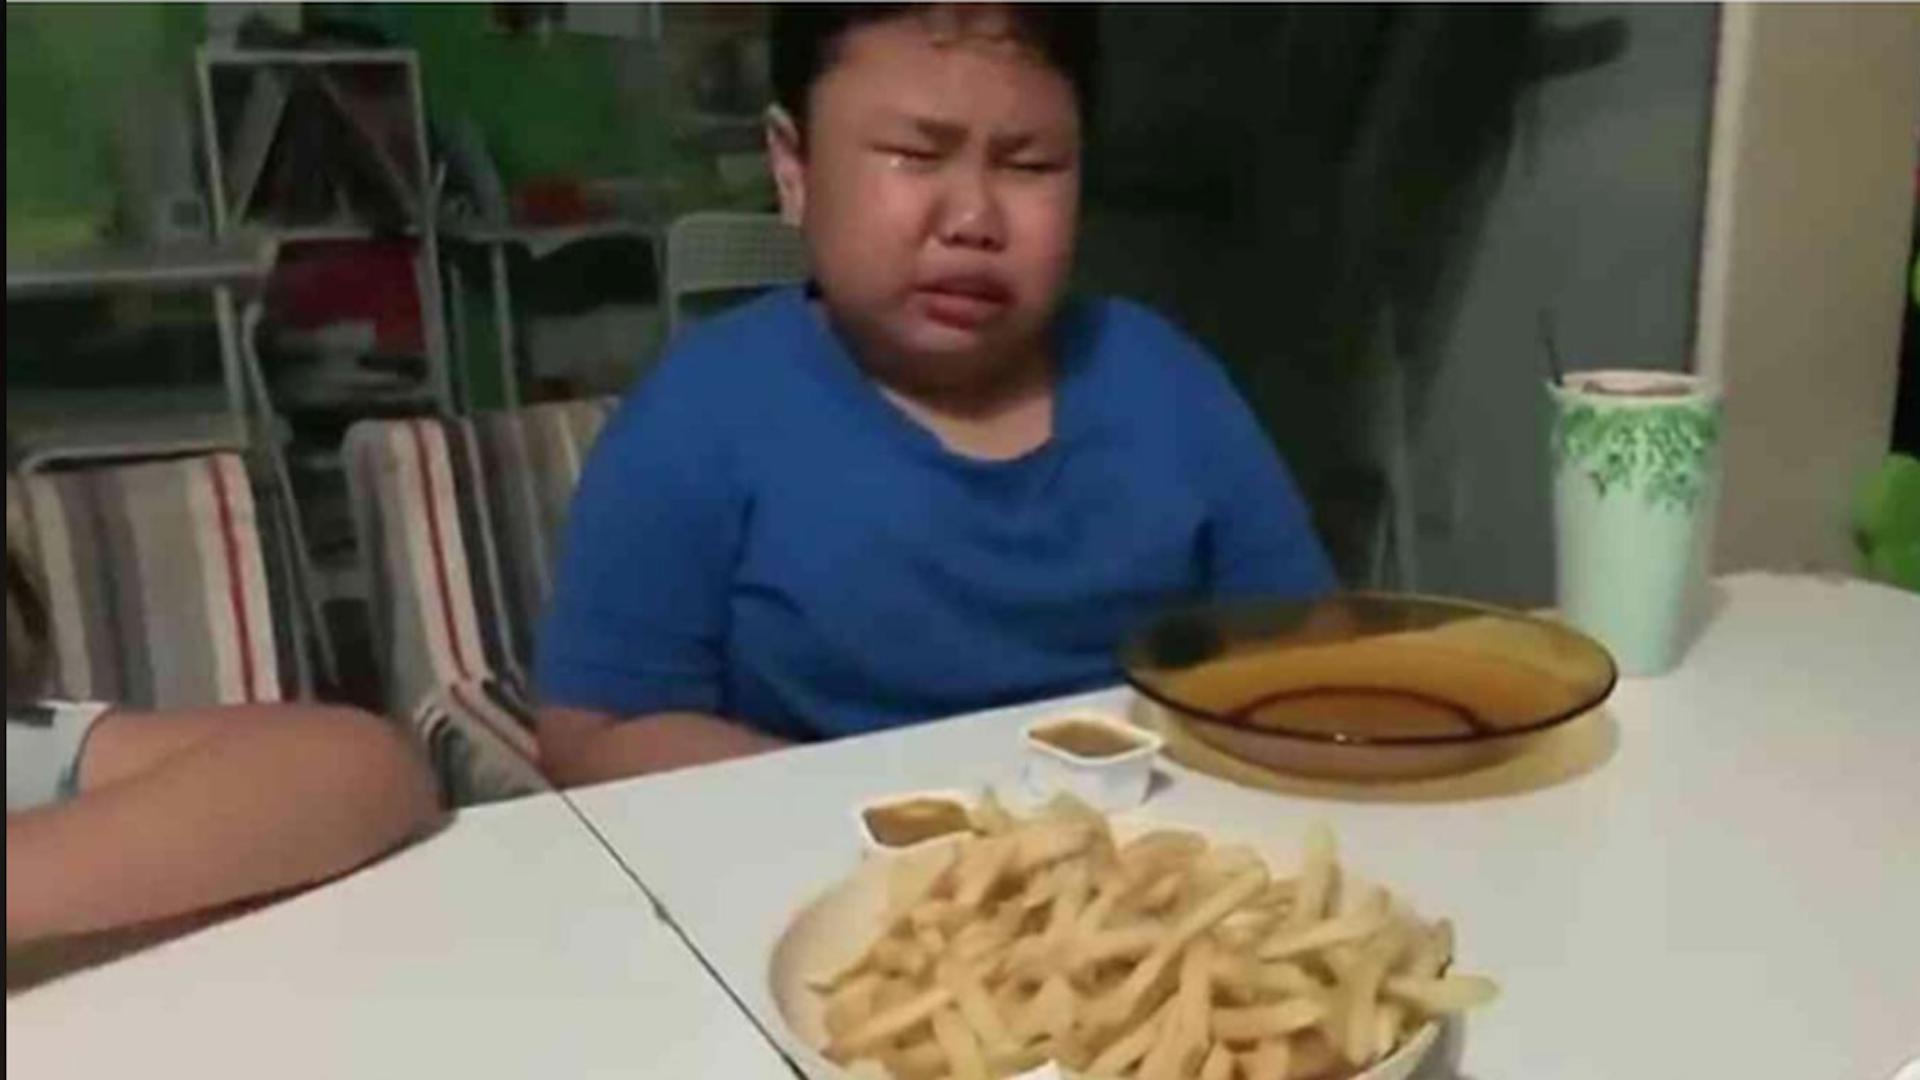 طفل مصاب بالتوحد يبكي بسبب وجبة ماكدونالدز ما القصة